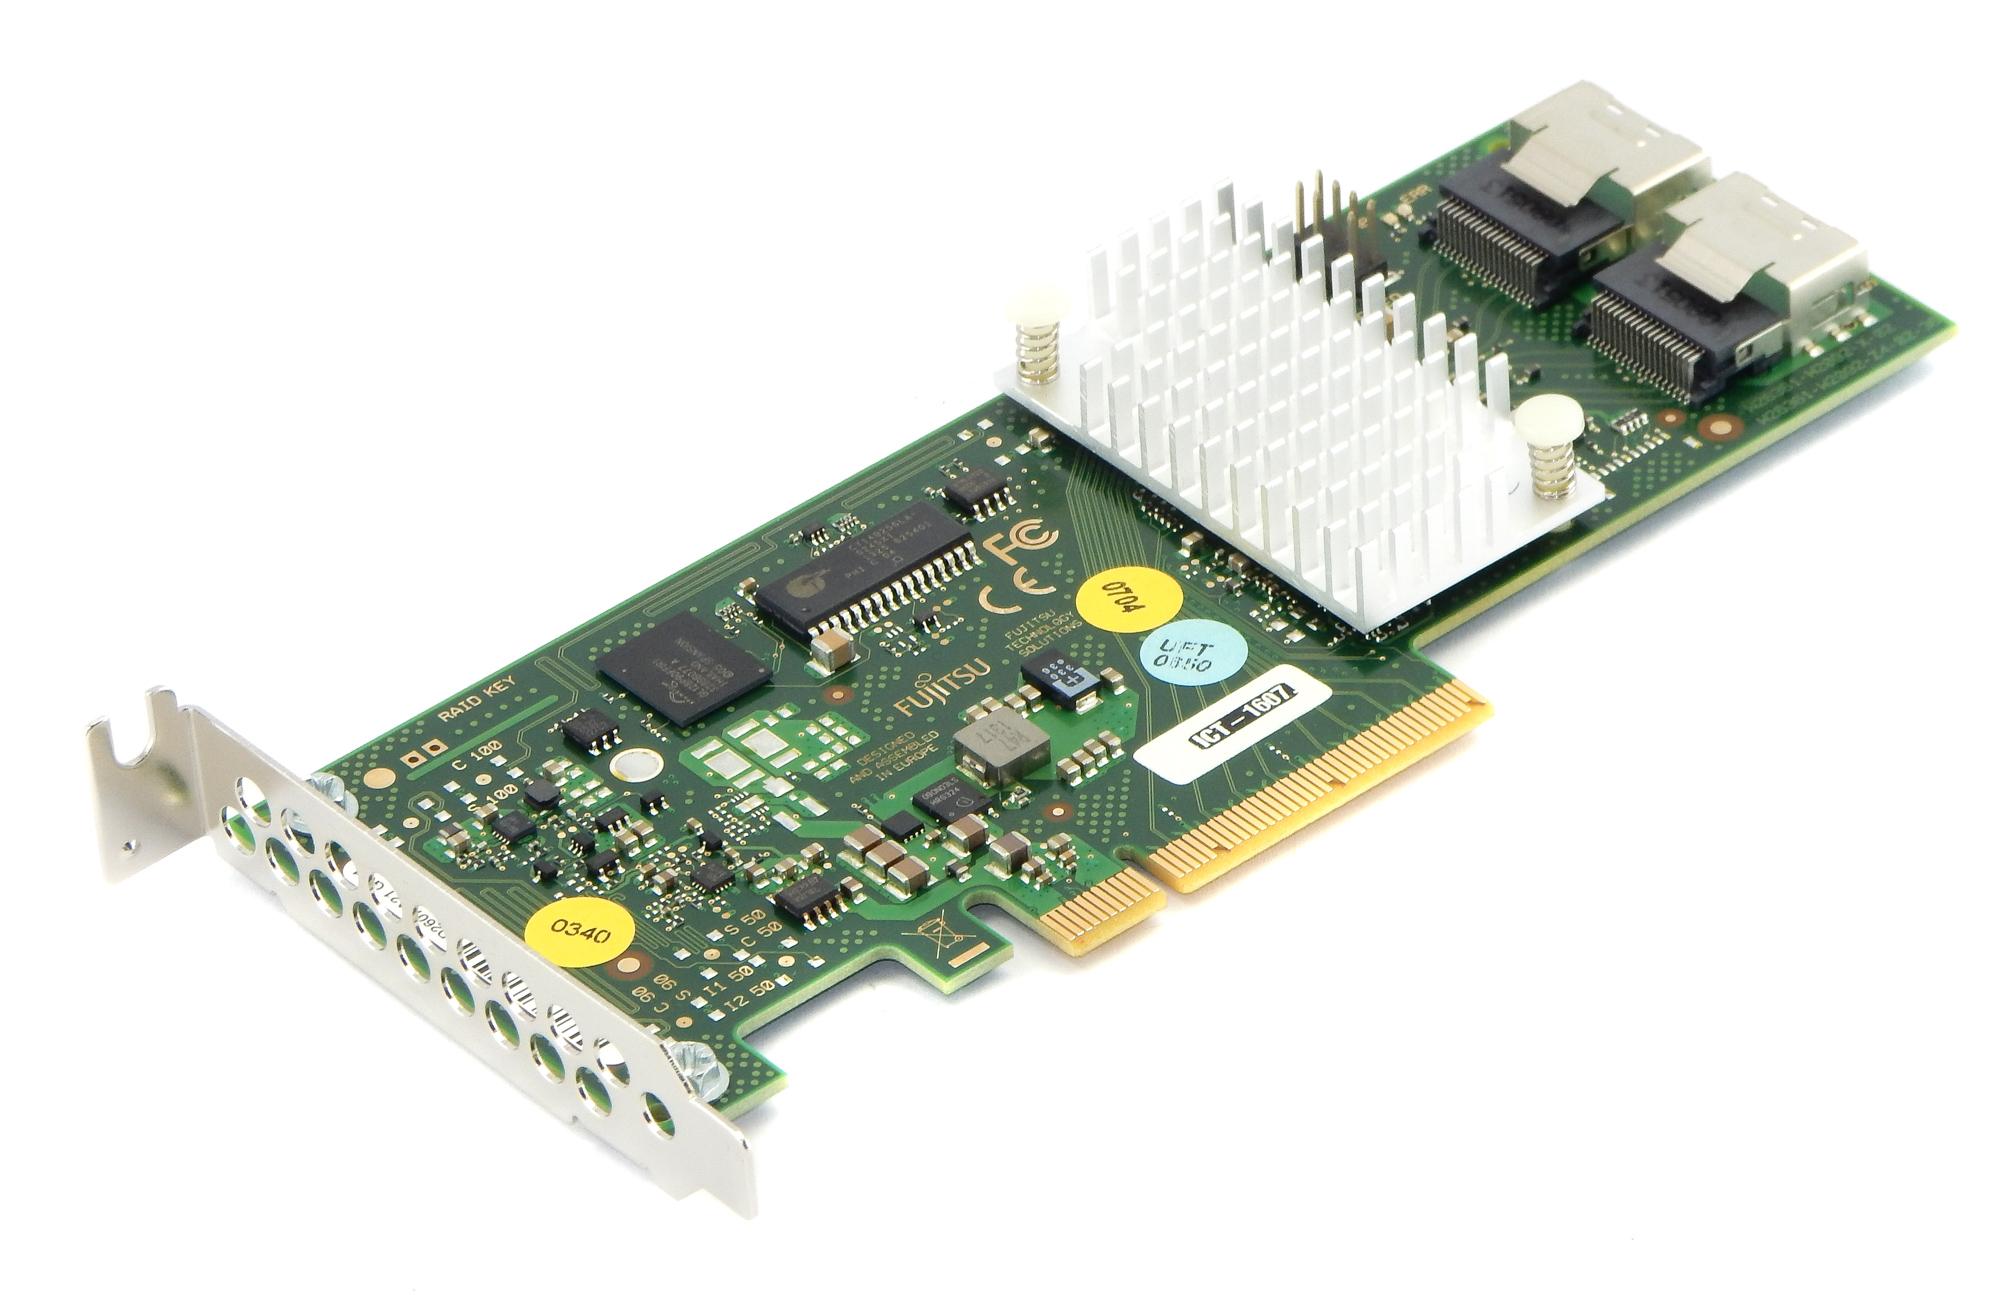 Fujitsu Siemens D2607 SAS/SATA RAID PCIe Controller Card 2x8 6GB/s HDD D2607-A21